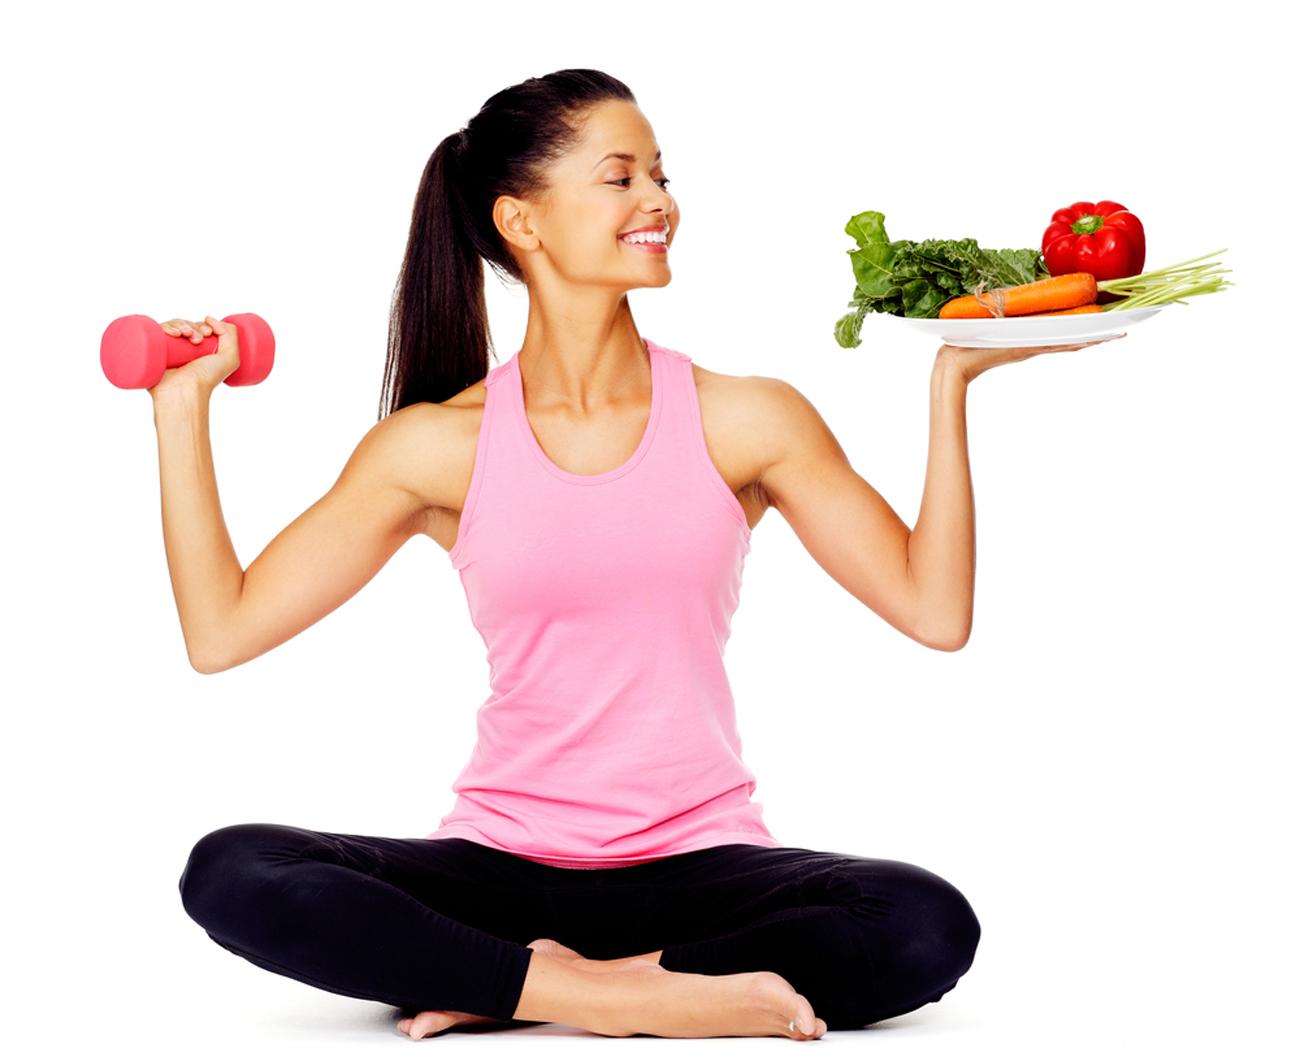 Правильные Тренировки На Похудения. Список лучших упражнений для похудения в домашних условиях для женщин